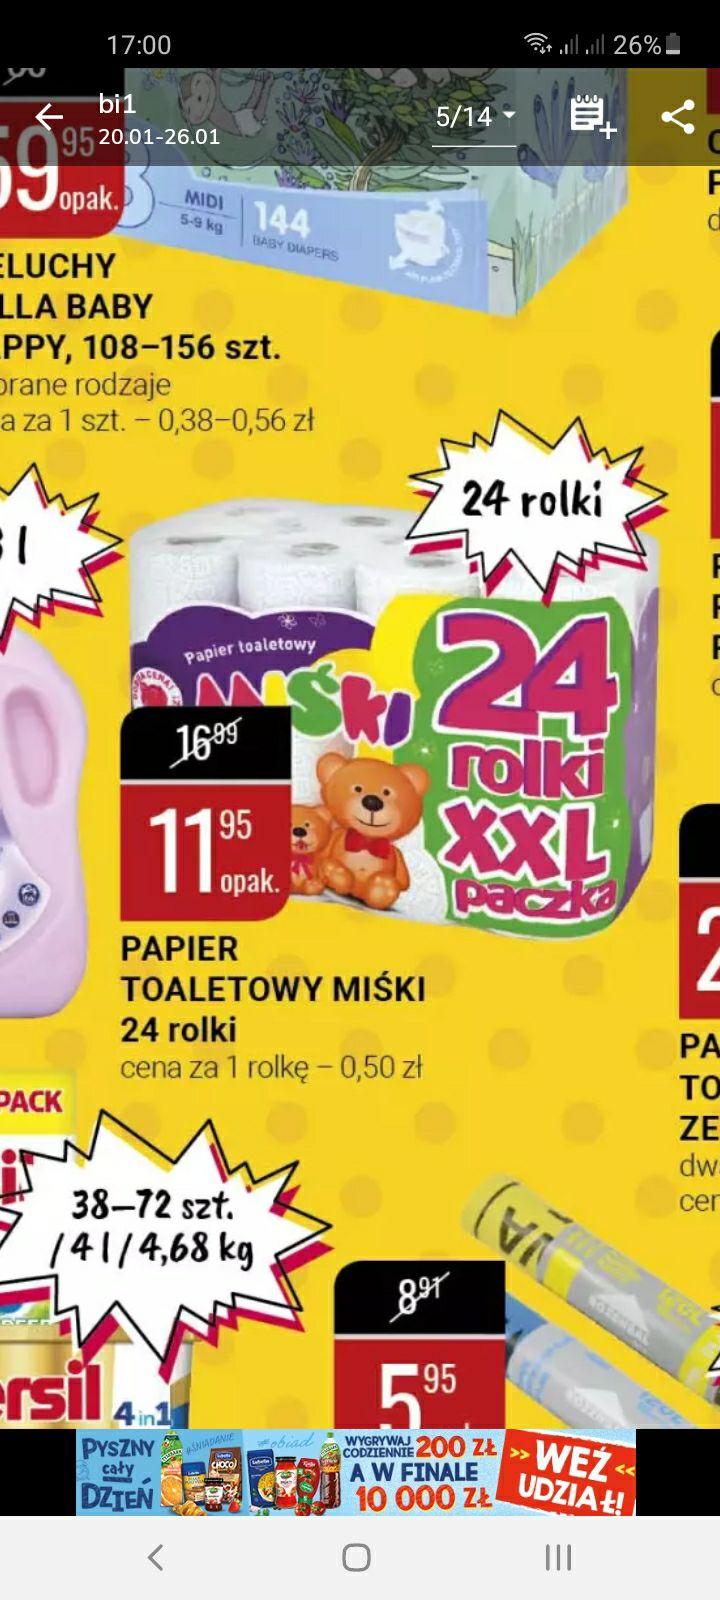 Papier toaletowy 24 rolki